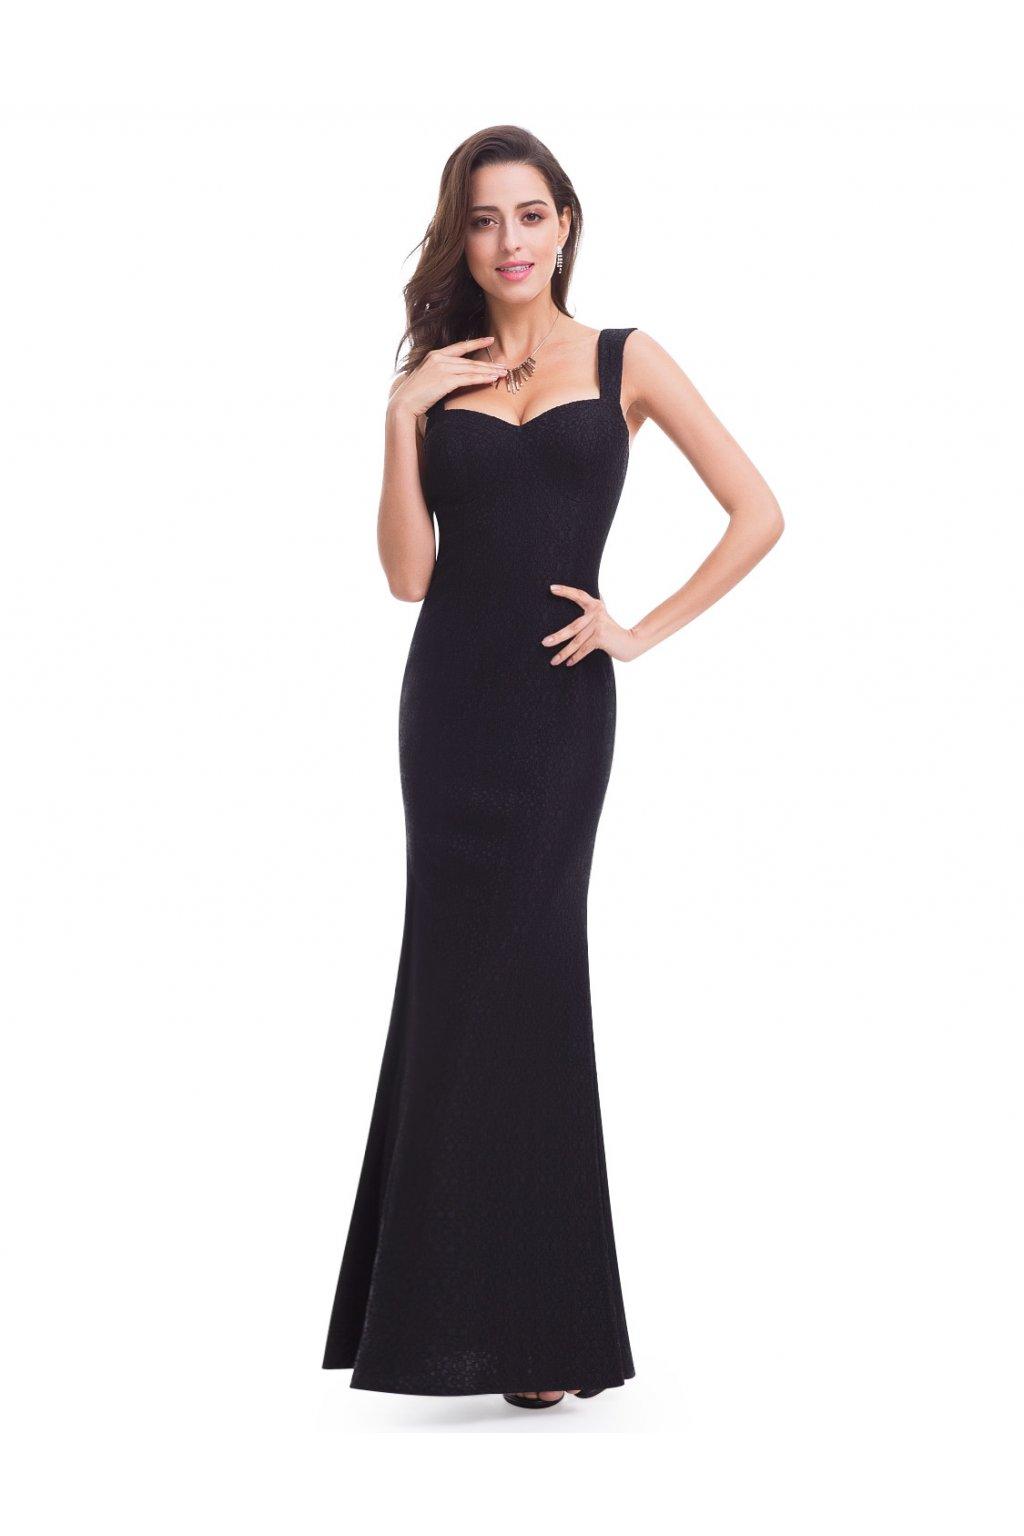 64e3a332f2af ePretty.cz - prodej svatebních a společenských šatů